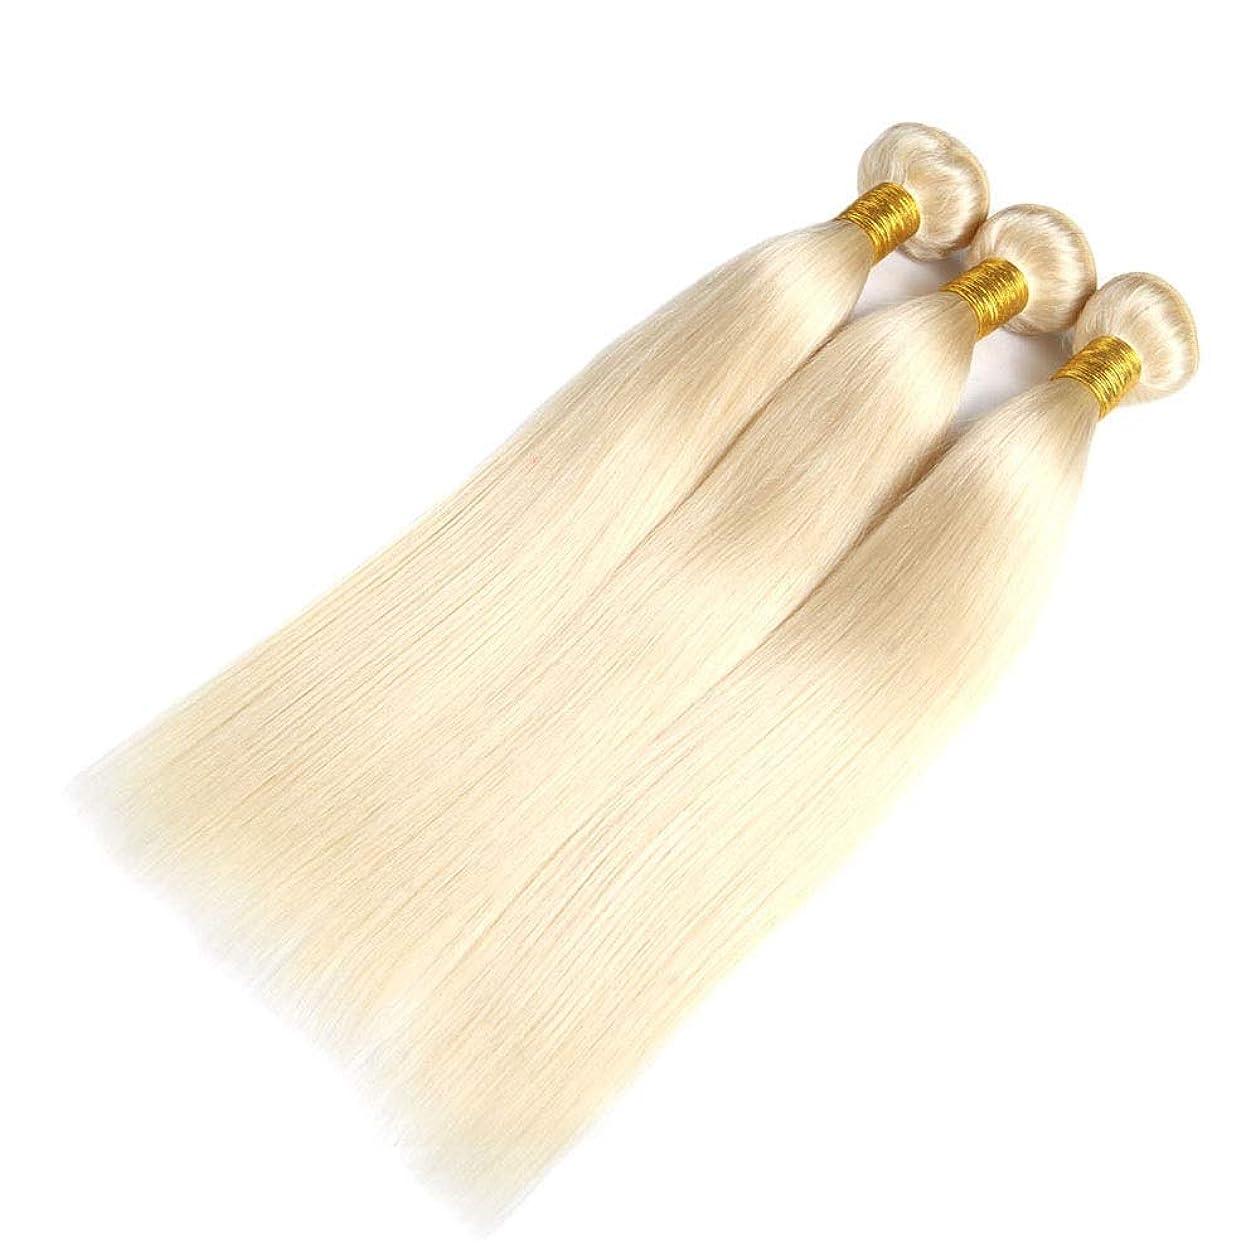 ポルノ性差別扱うYrattary 613金髪の絹のようなストレートブラジルのRemy人間の髪の毛の束金髪のエクステンション(10